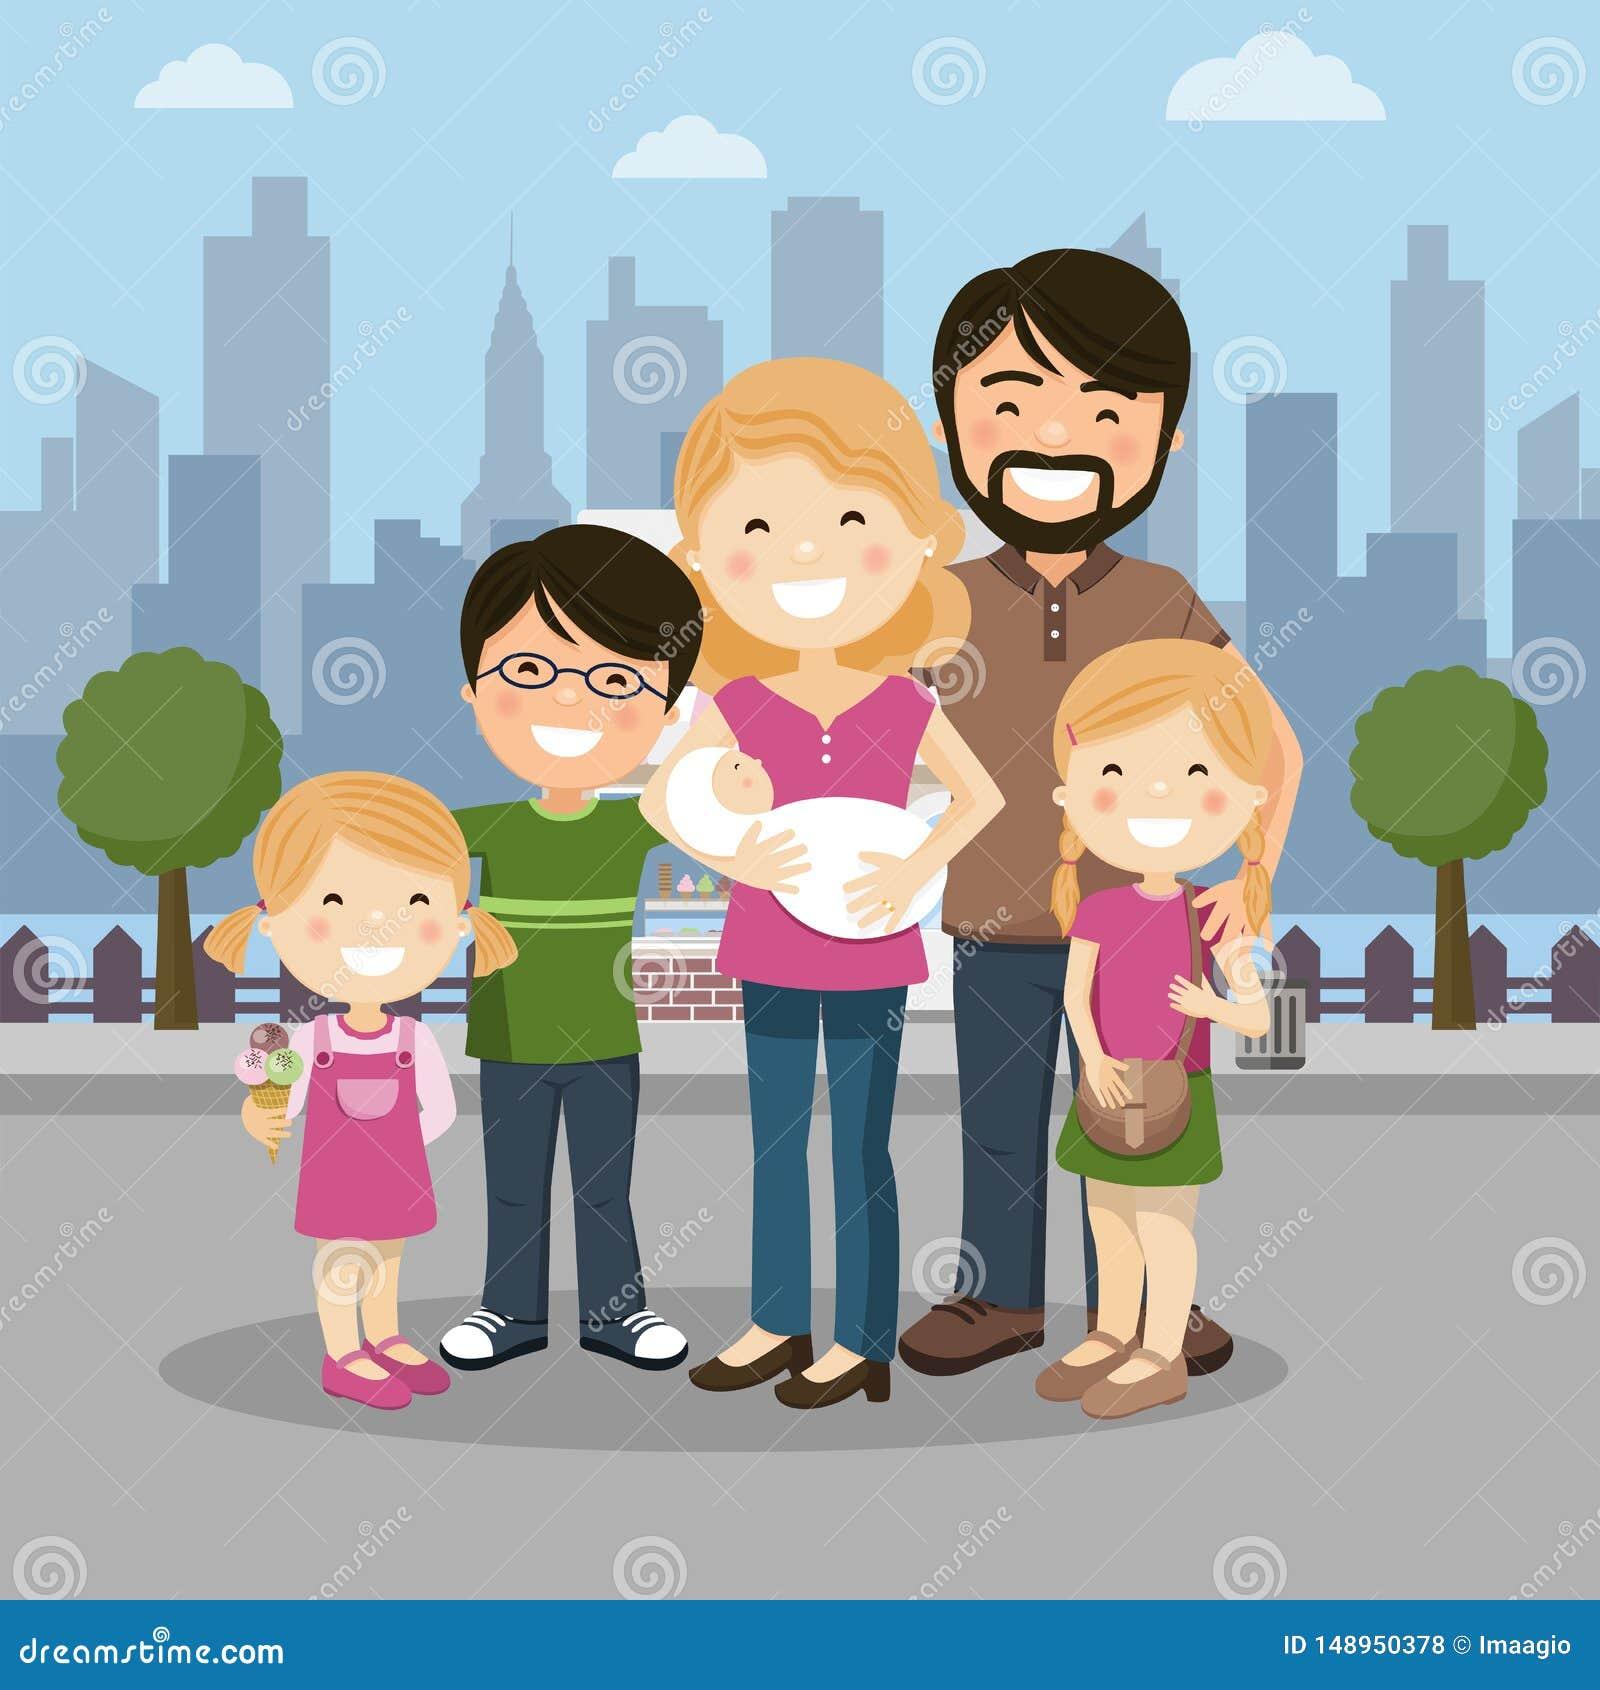 有父母、三个孩子和babyborn的幸福家庭在城市